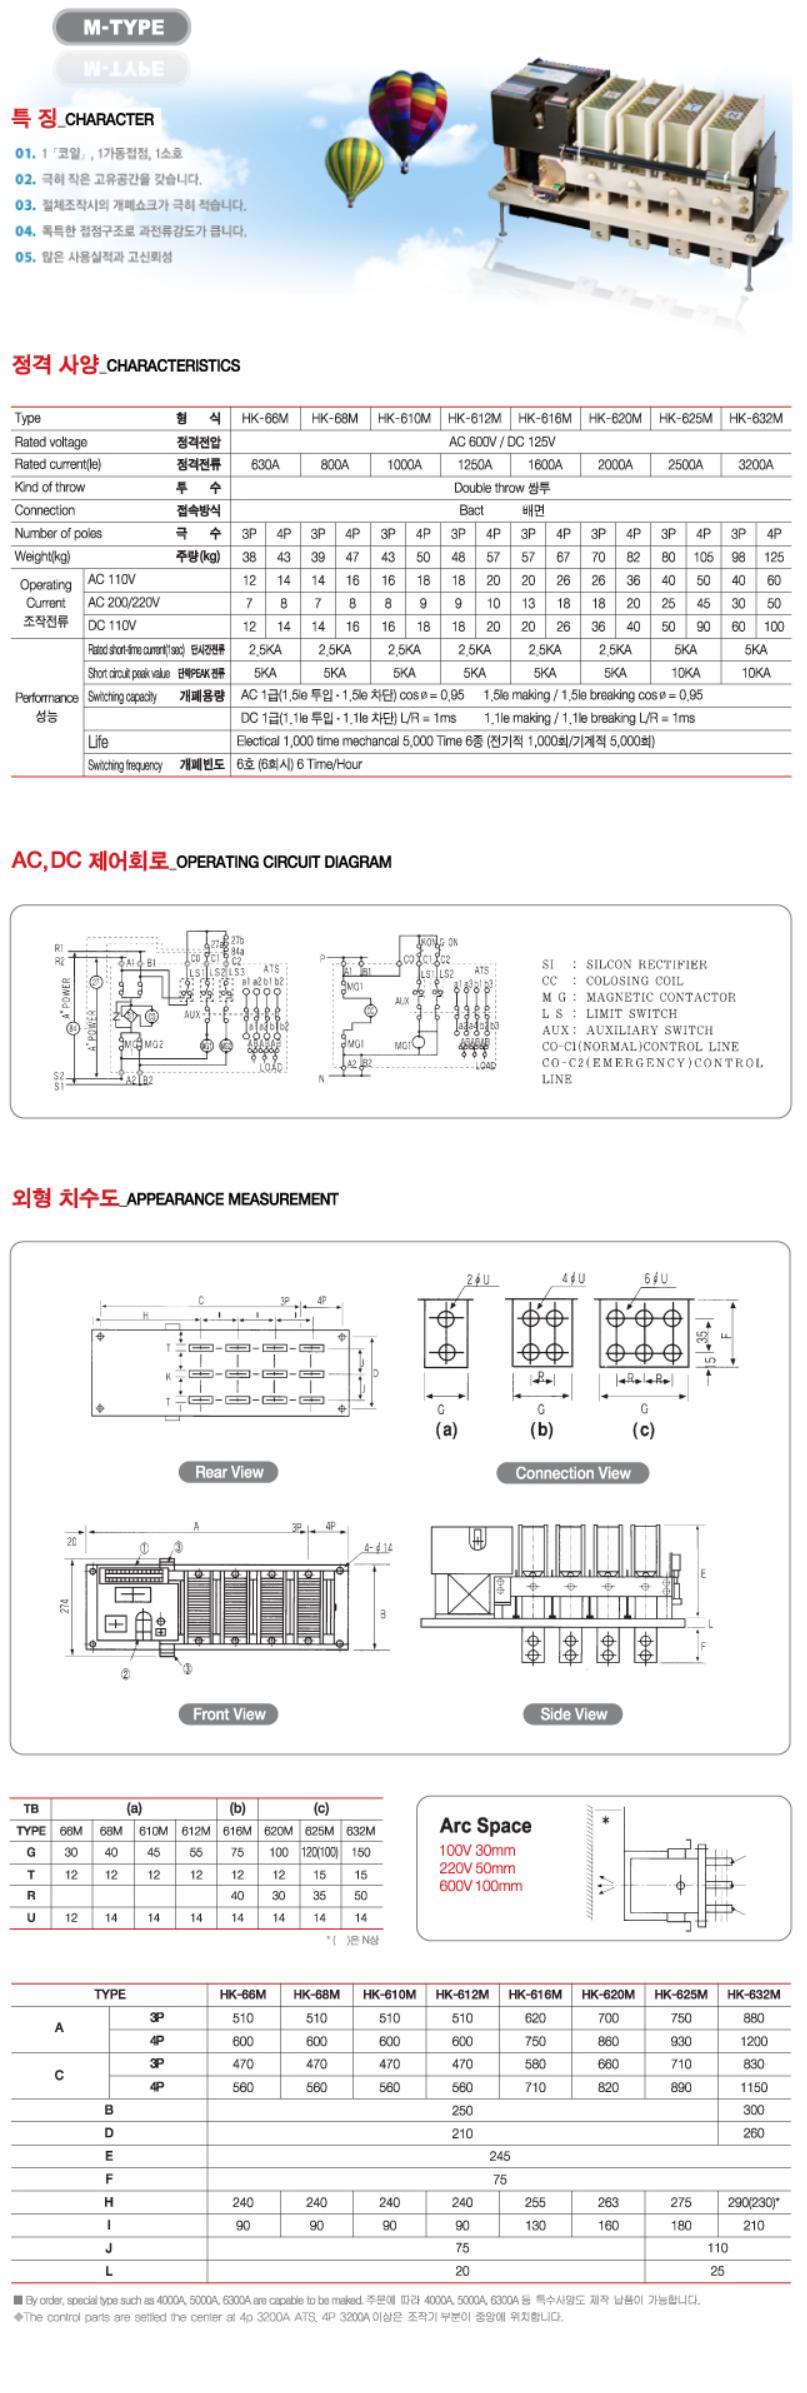 한광전기공업(주) 자동절제스위치 M Type 1